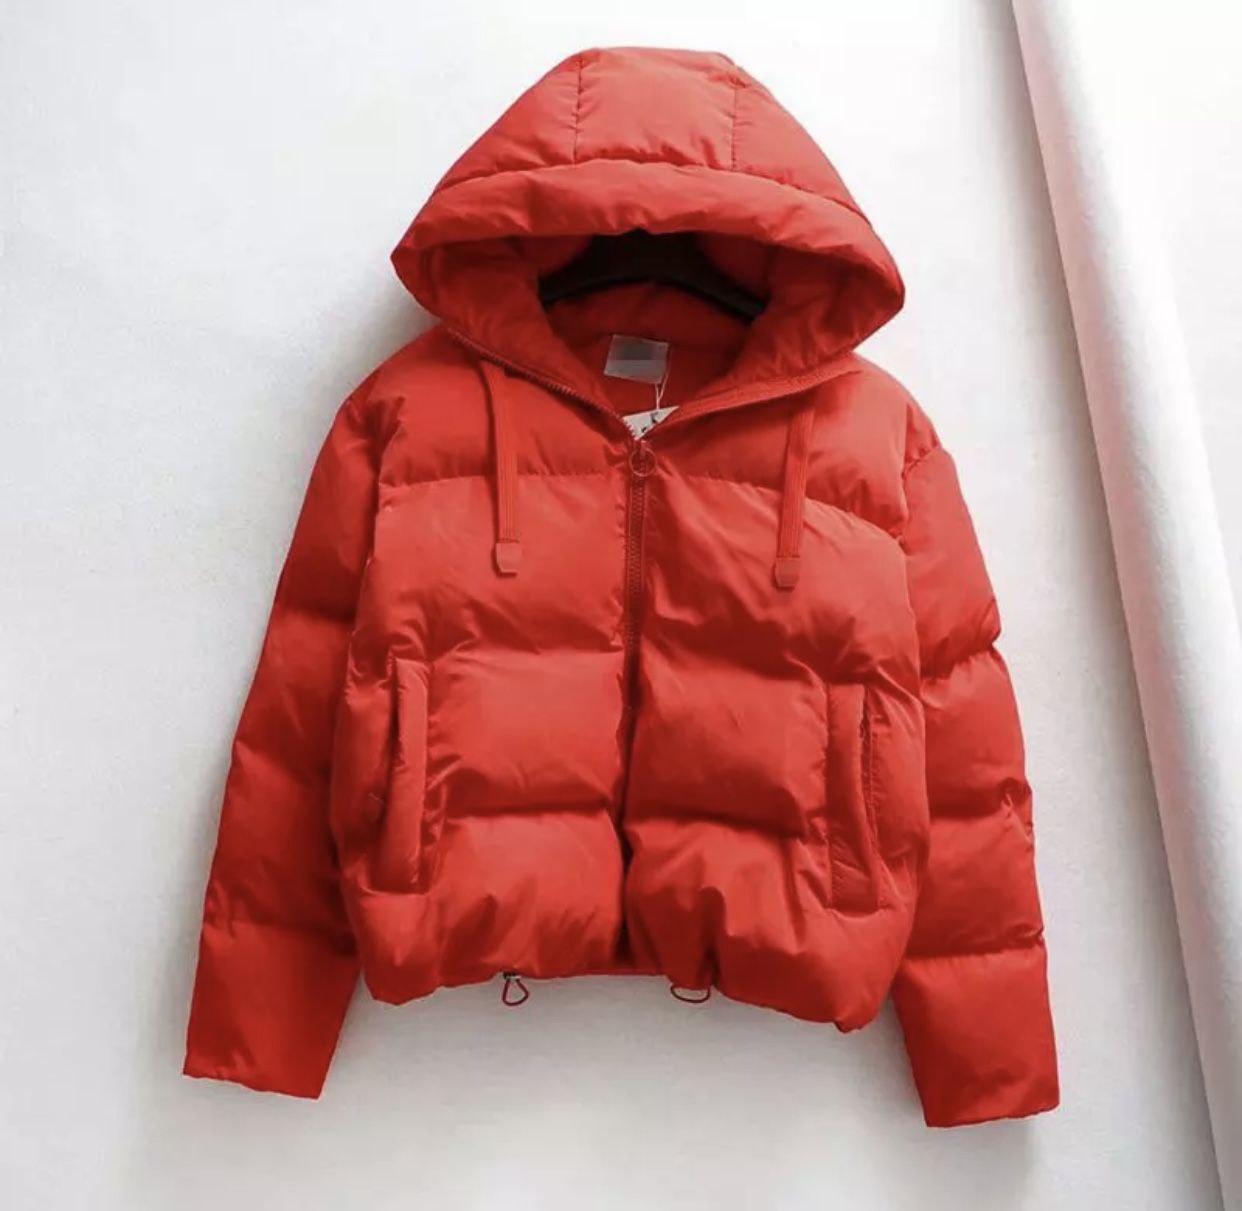 Червона стильна жіноча куртка з плащової тканини з капюшоном